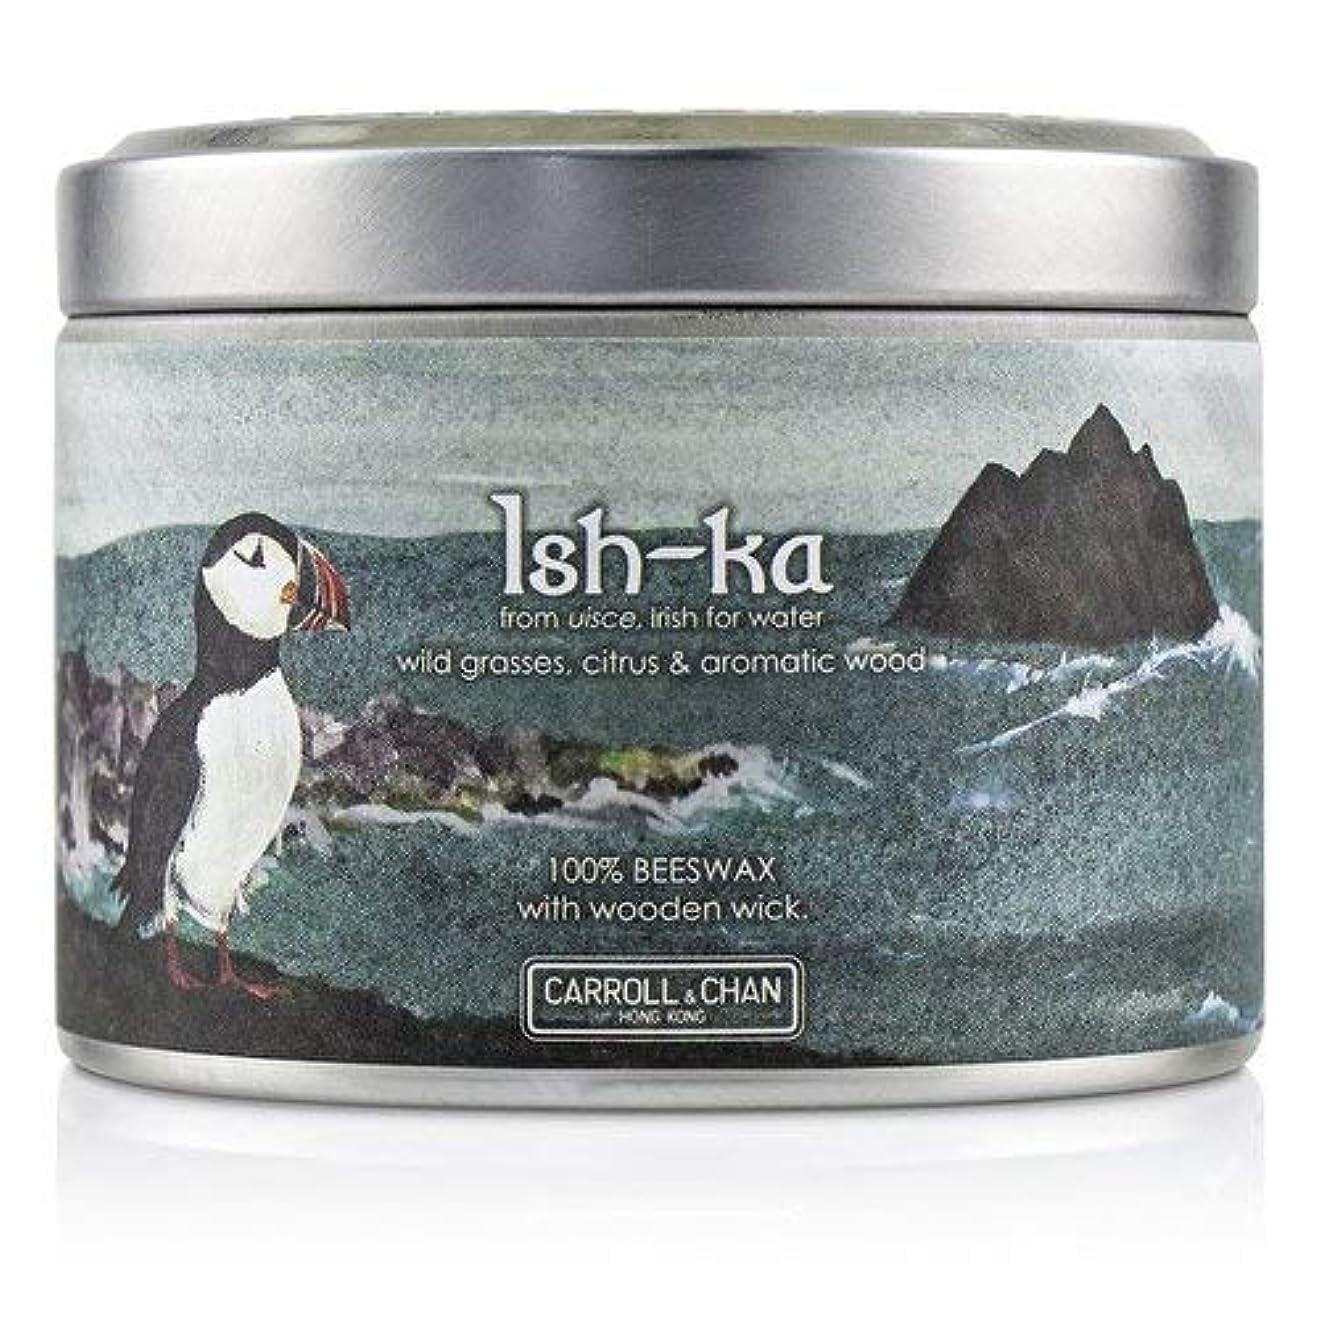 住所誓約学生キャンドル?カンパニー Tin Can 100% Beeswax Candle with Wooden Wick - Ish-Ka (8x5) cm並行輸入品